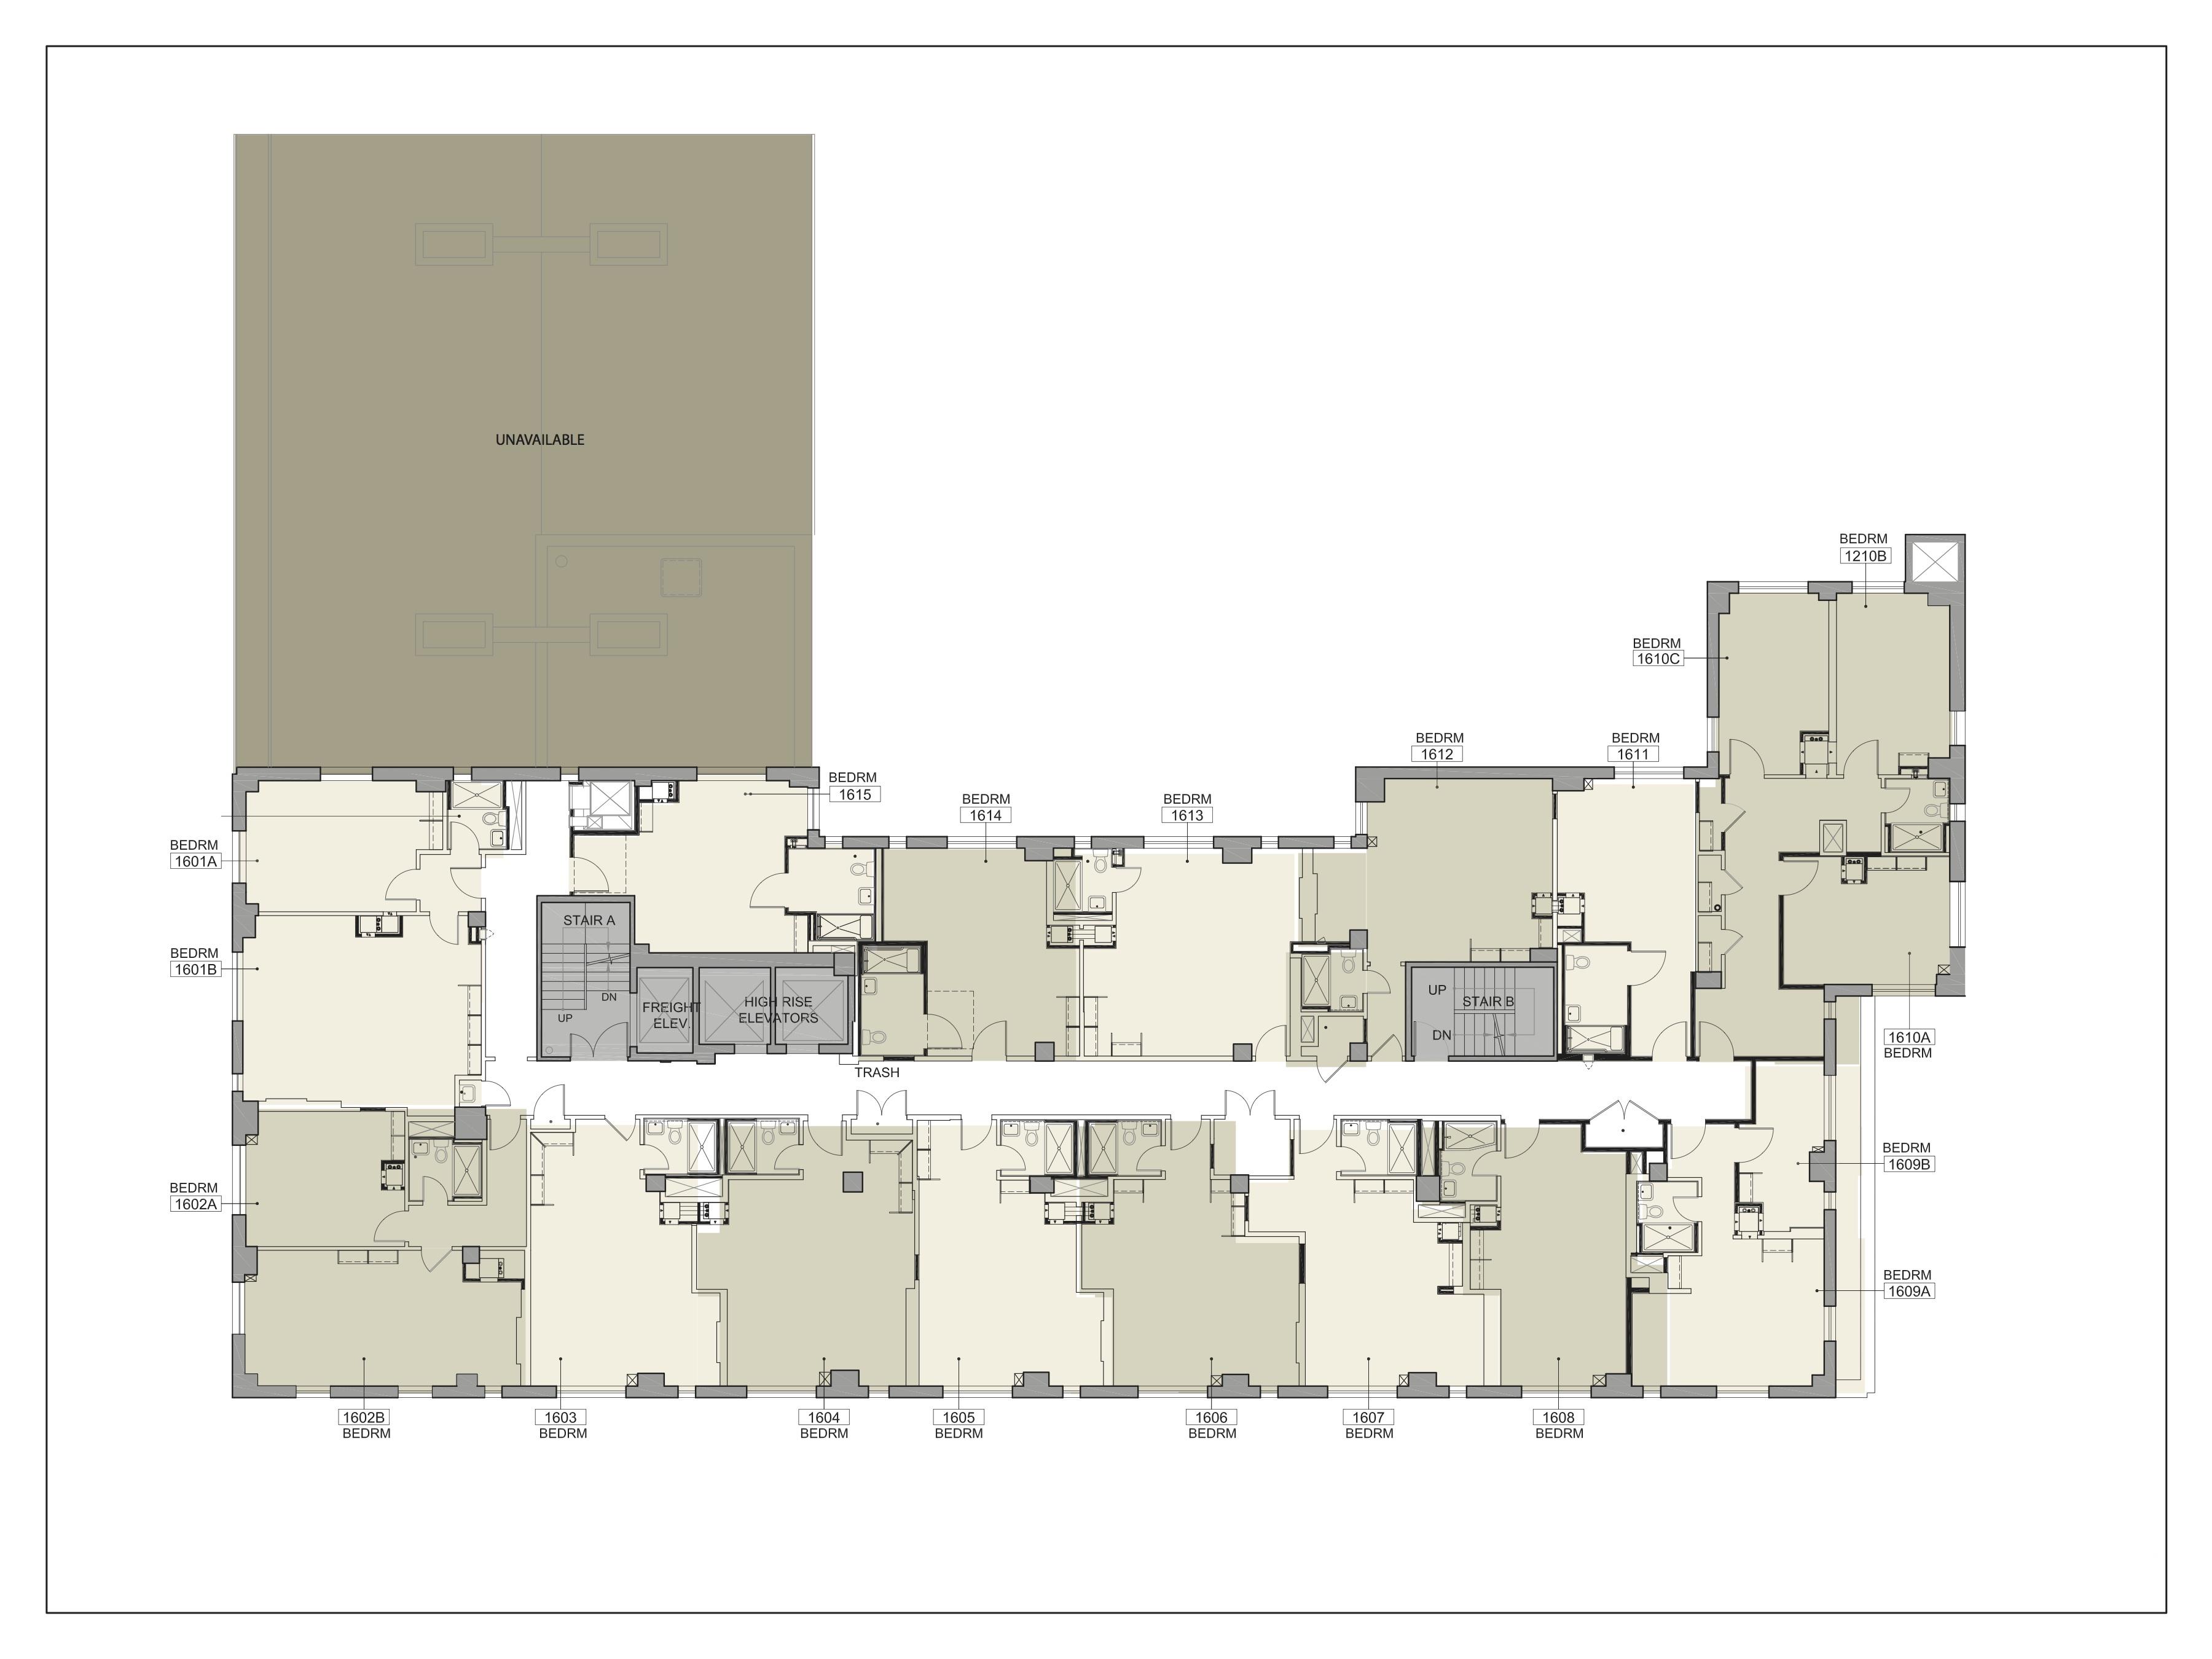 Floor plan for Lipton Floor 16